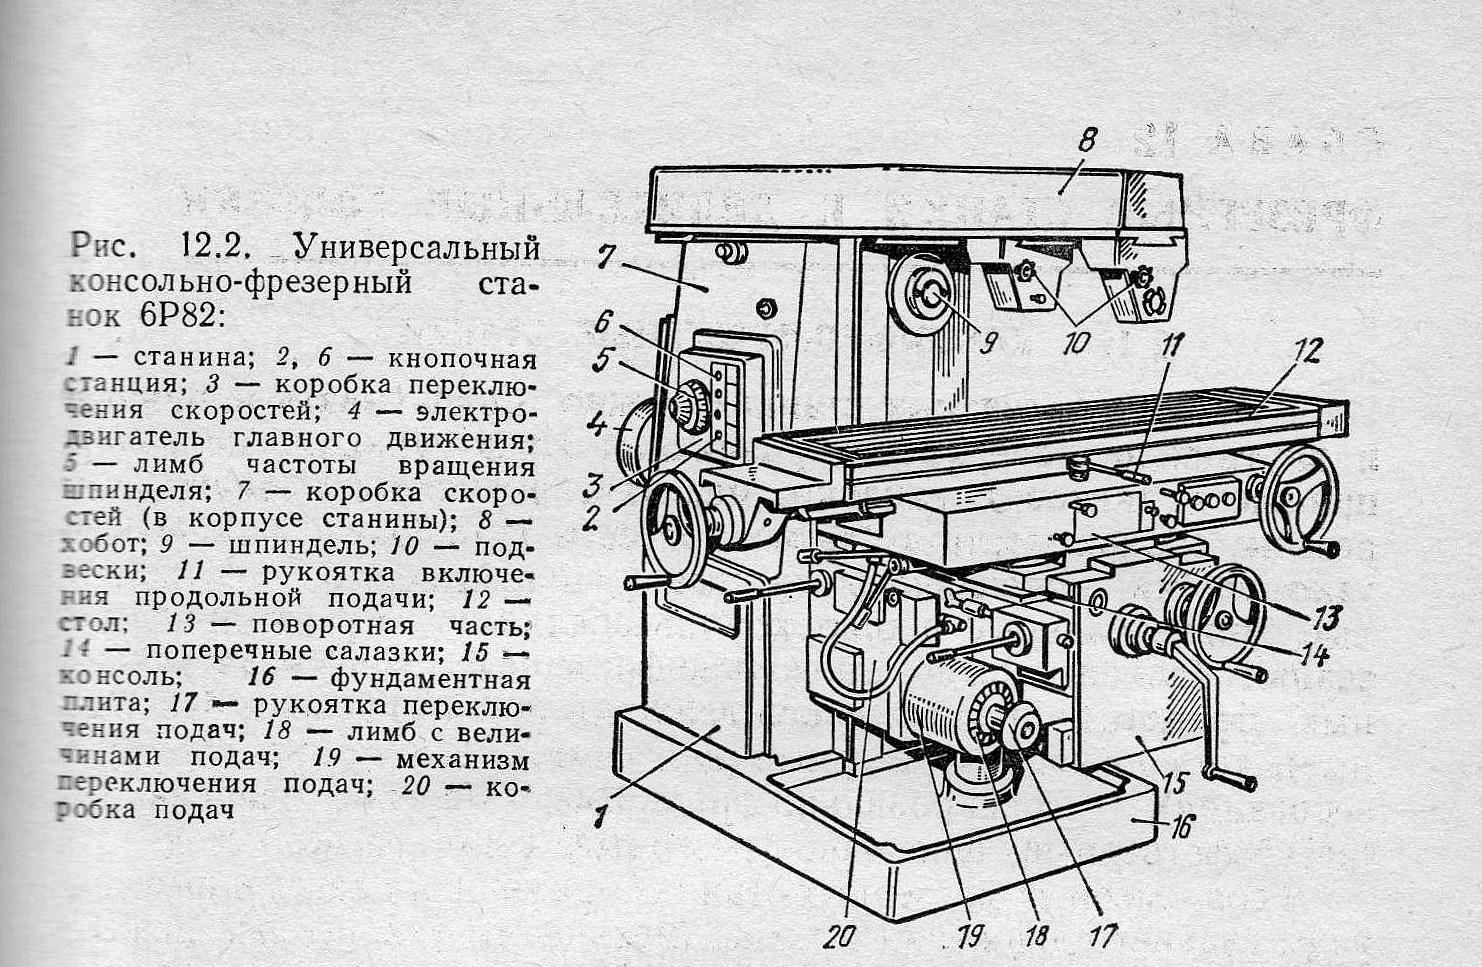 Фрезерный станок 6р82ш: технические характеристики, схемы